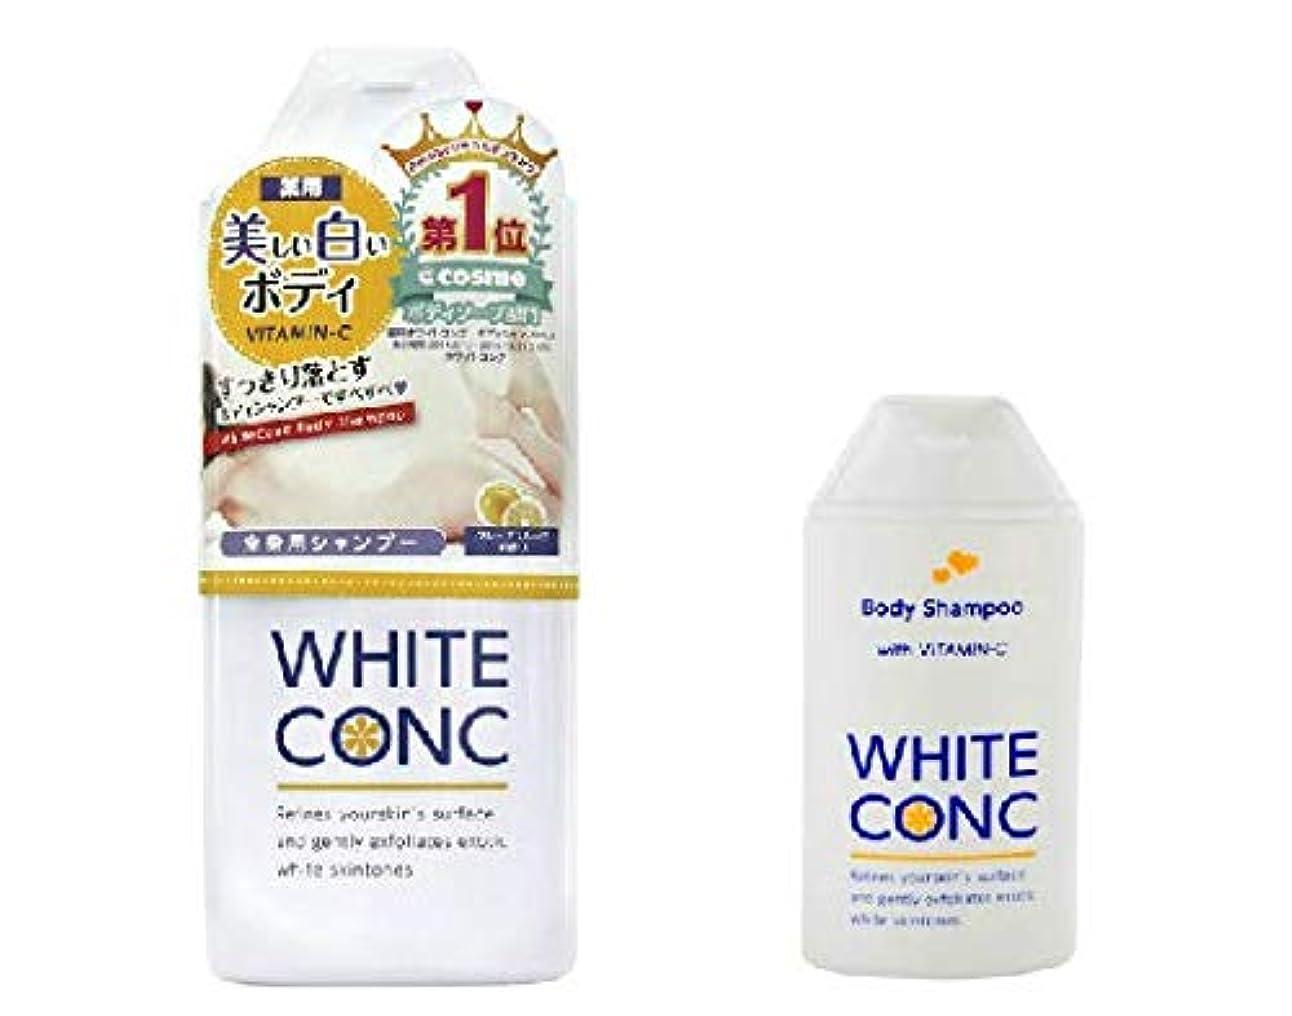 ベストメアリアンジョーンズ民主党【WHITE CONC(ホワイトコンク)】 ボディシャンプーC Ⅱ_360mL1本&150mL1本